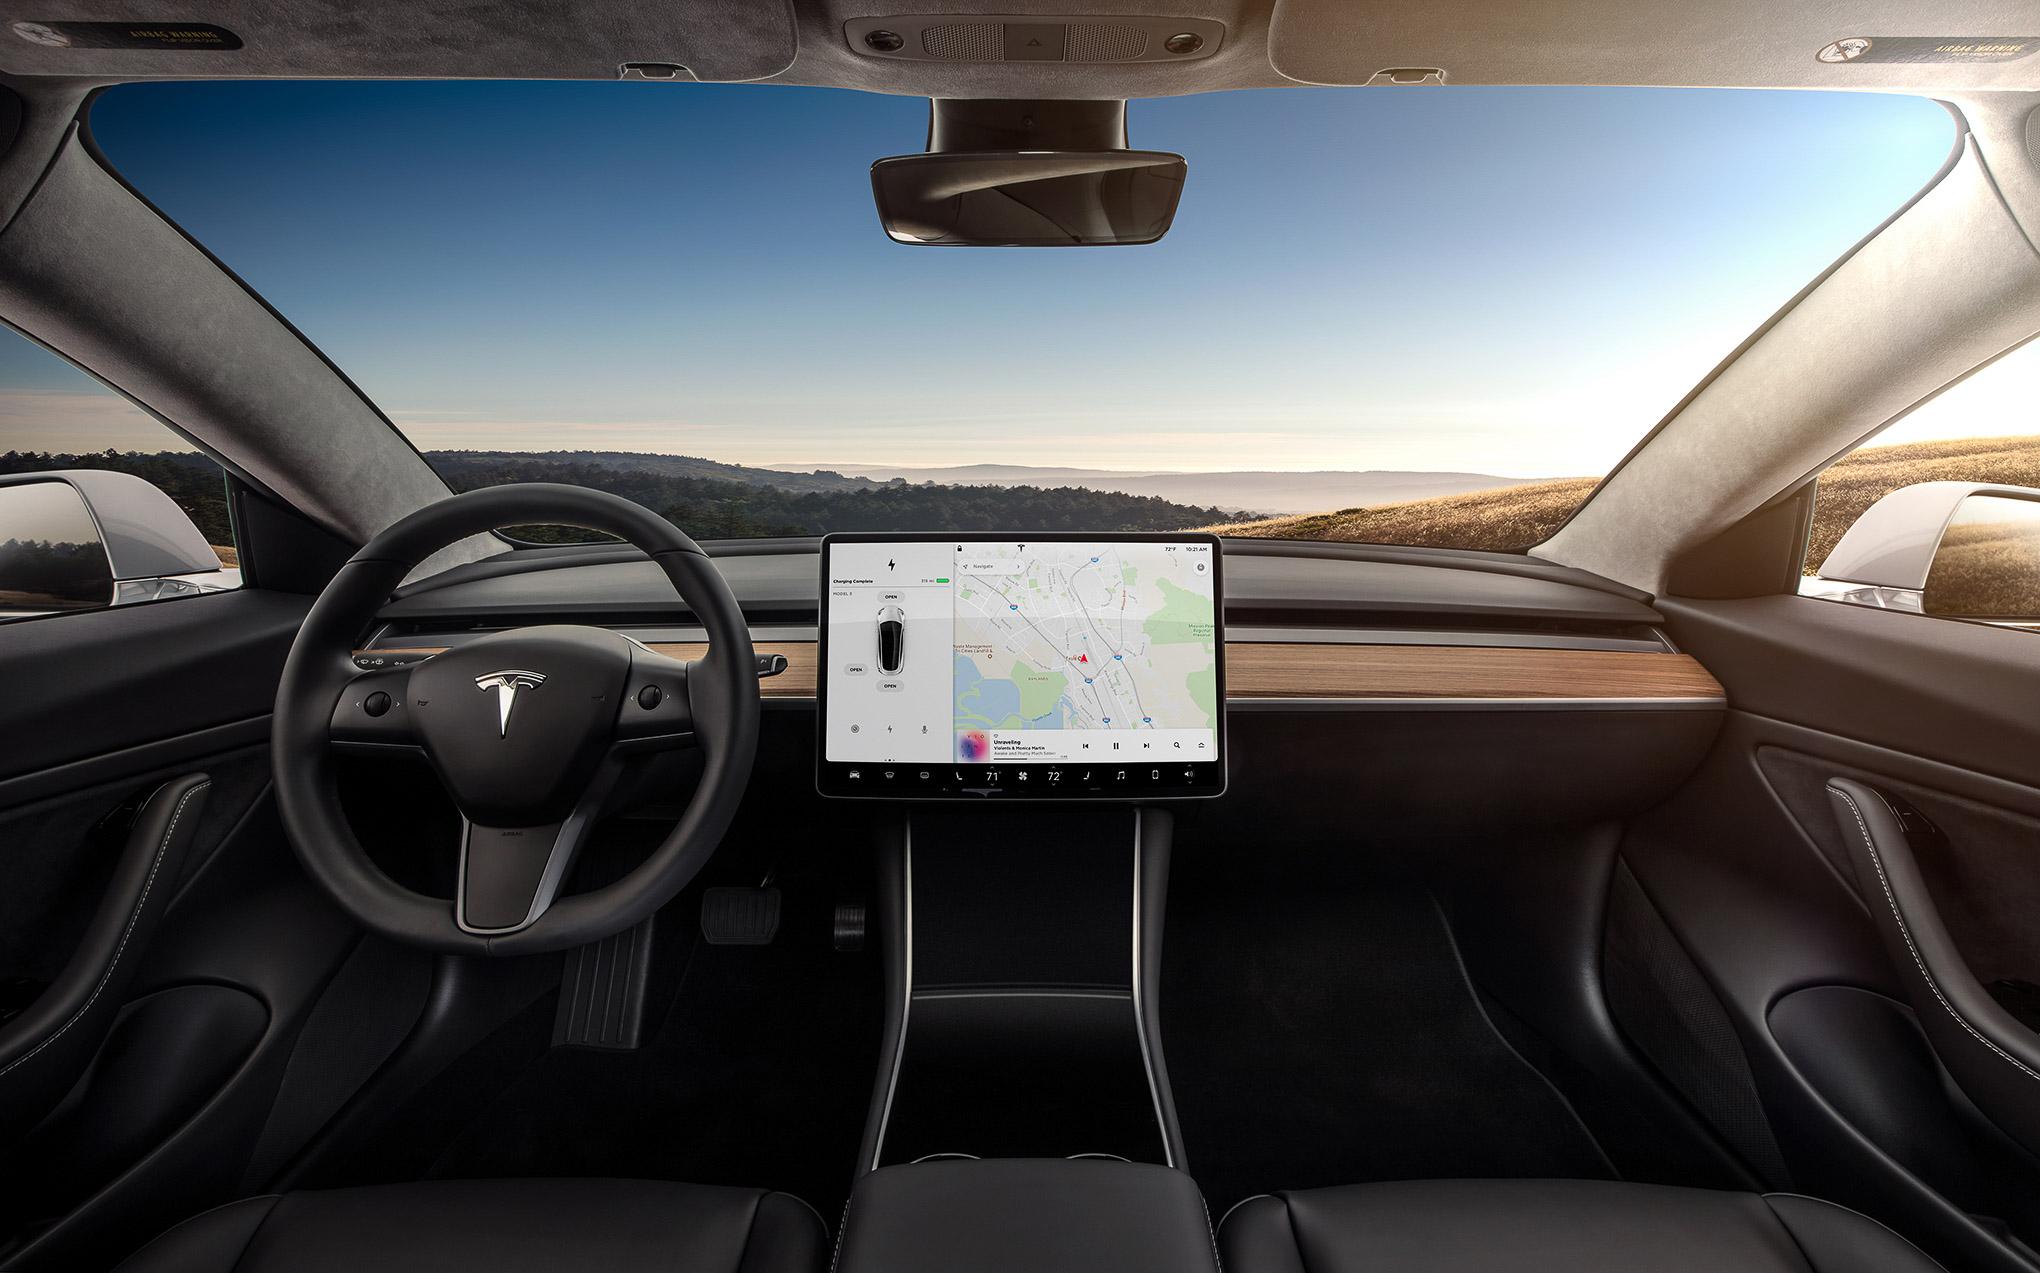 ekrany-dotykowe-w-samochodach